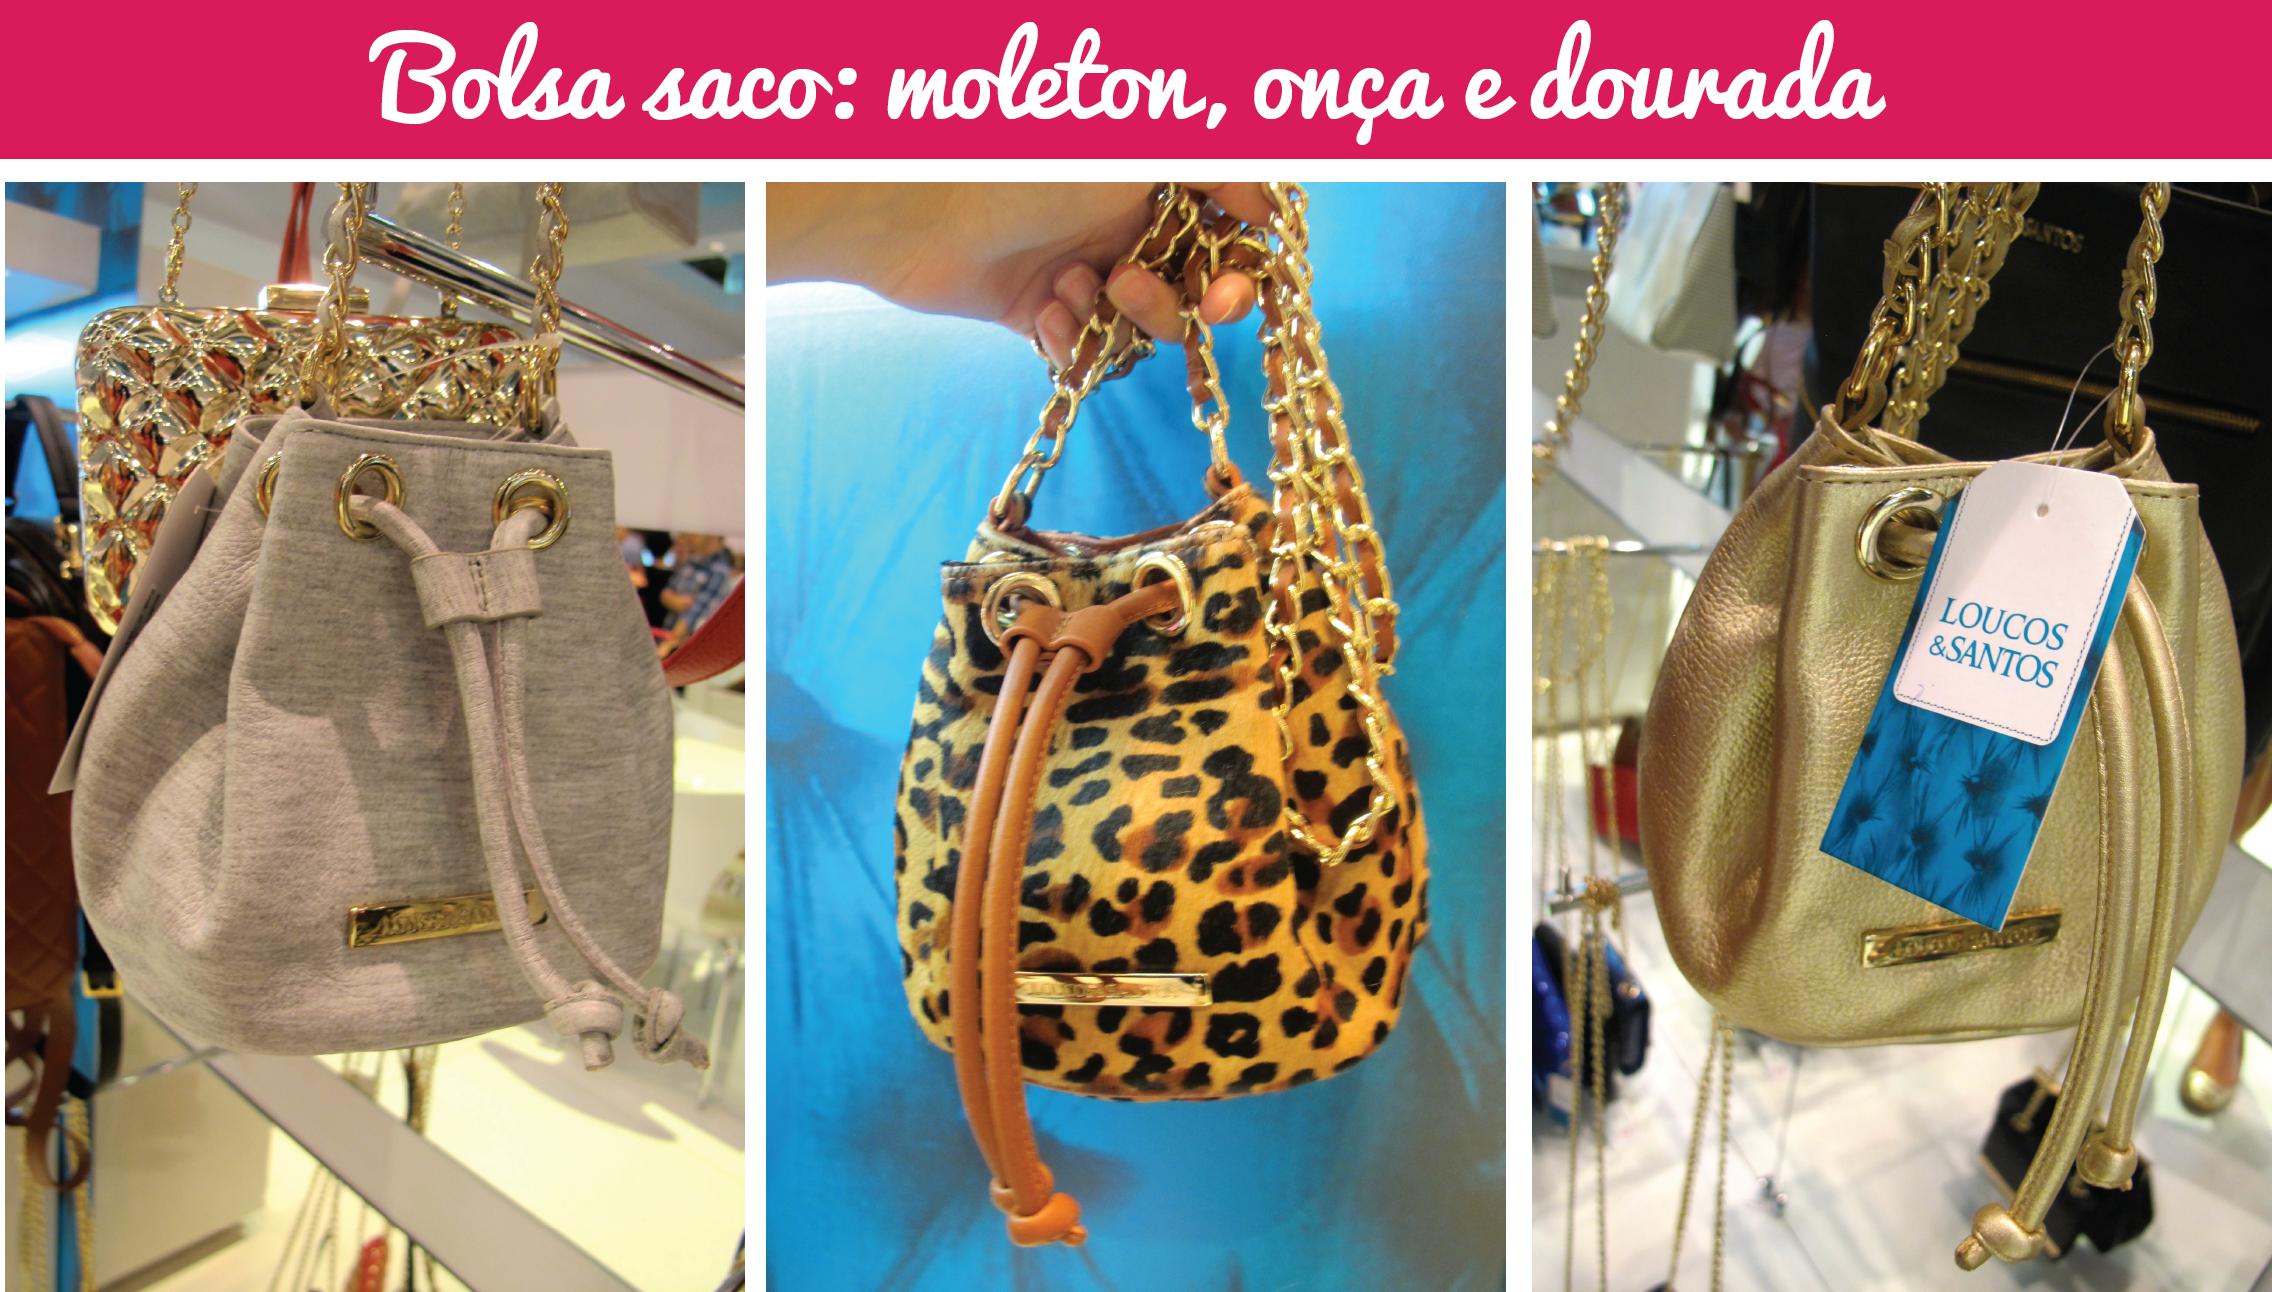 bce24bd5a Couromoda 2015: Bolsa saco | Blog de moda do Brechó Capricho à Toa